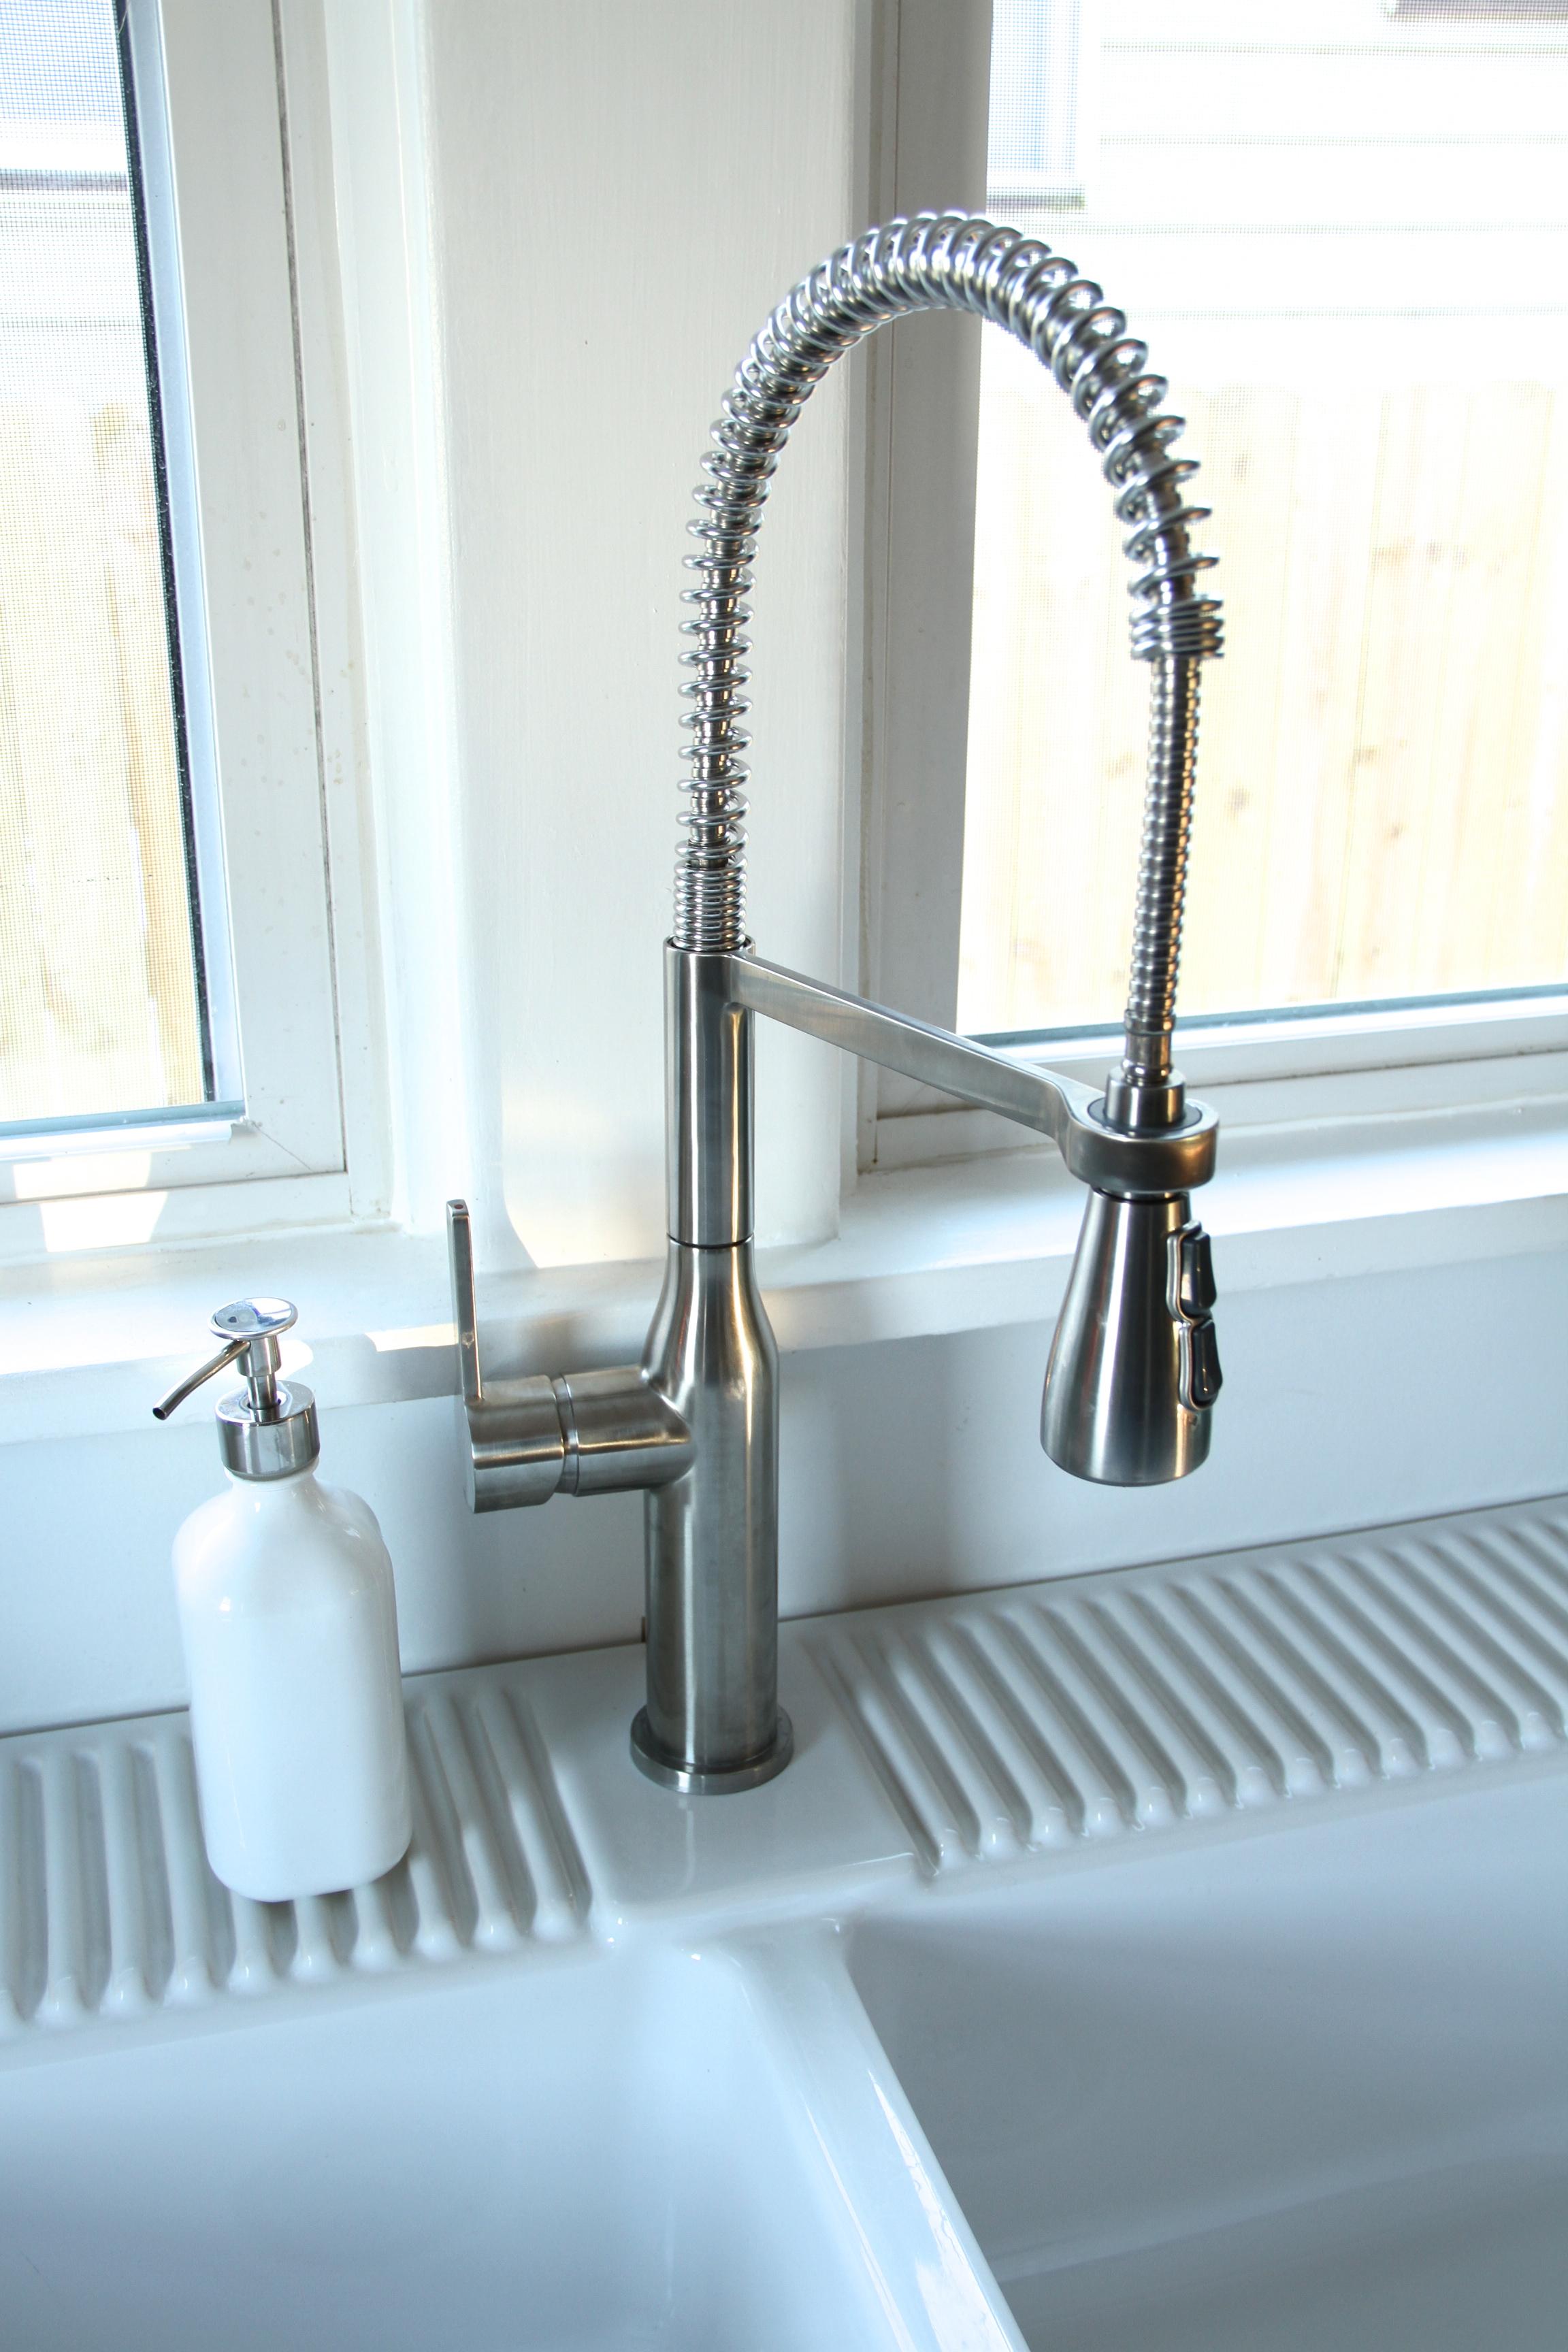 Kitchen Sink Love | Lifestyle & Design Online